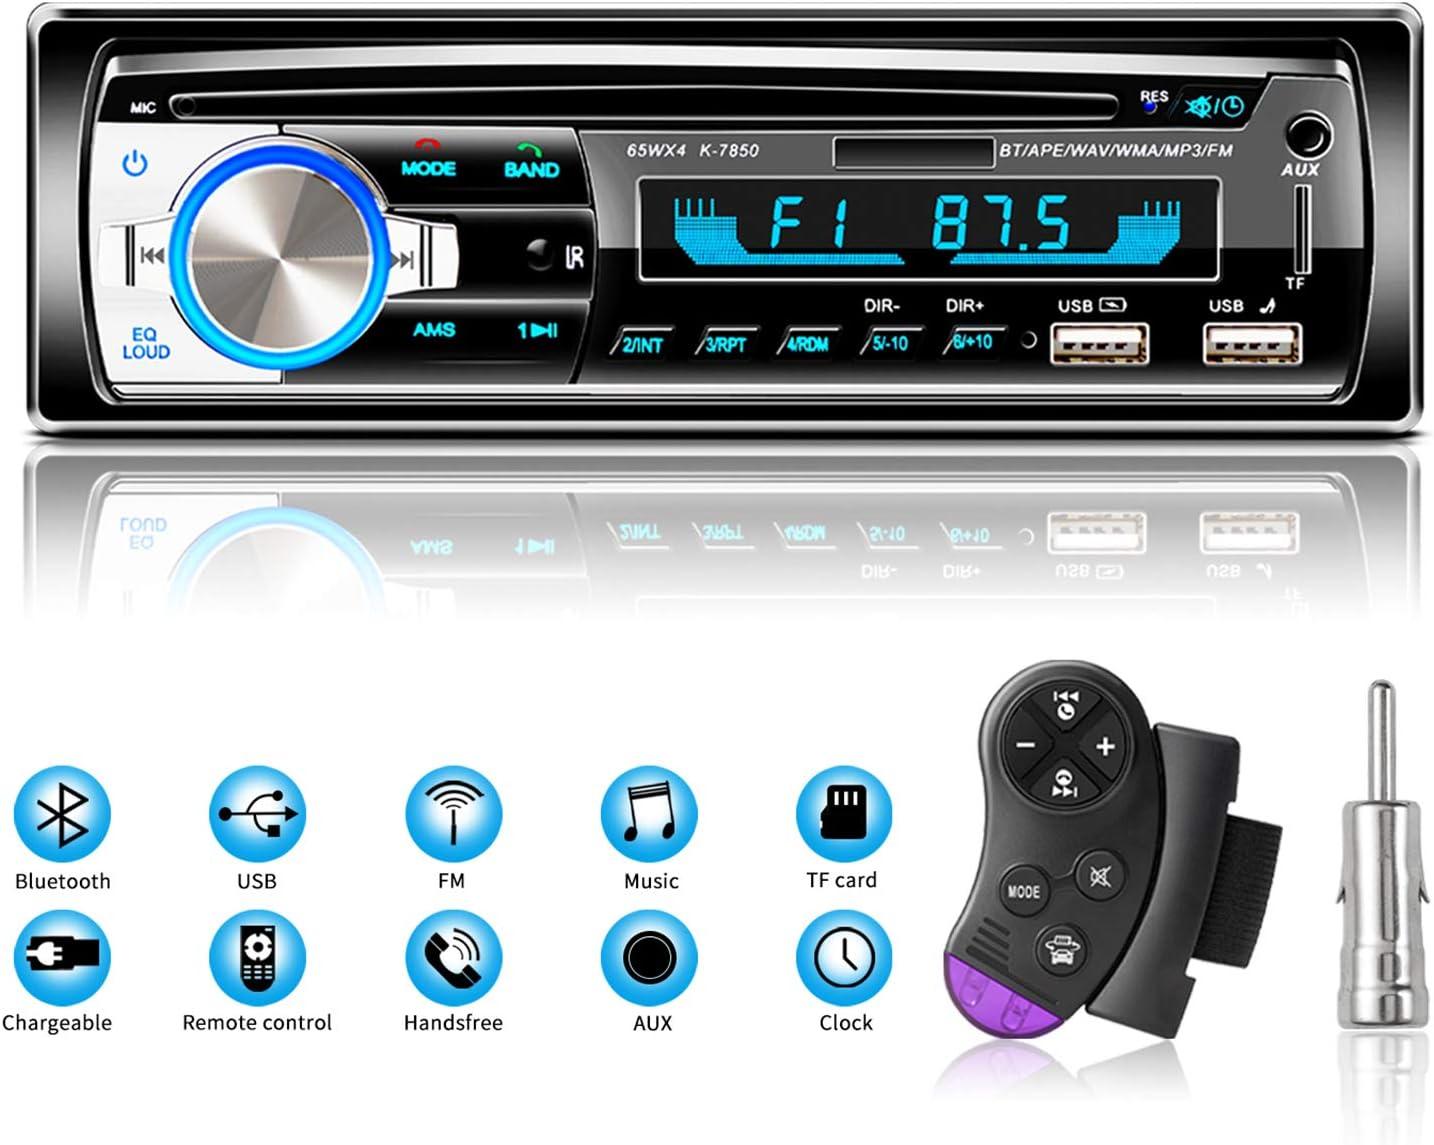 Autoradio Bluetooth Manos Libres Radios de Coche, Lifelf Radio Estéreo 4 x 65 W 1 Receptor de Radio para Coche DIN con Reproductor de MP3, Control Remoto WMA FM, Dos Puertos USB, Soporte iOS, Android